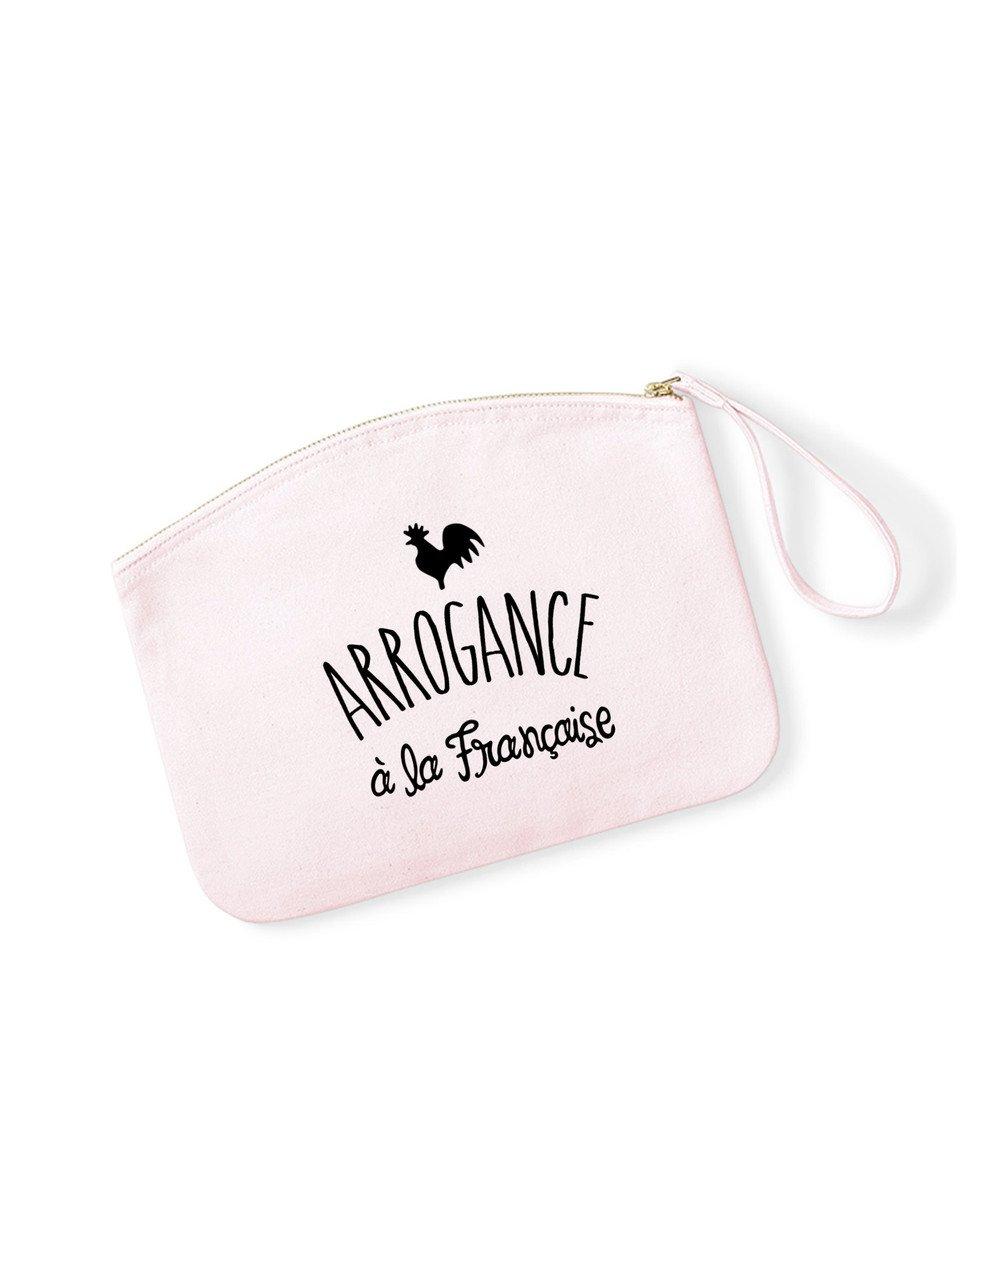 ARROGANCE À LA FRANÇAISE - Pochette Rose Pastel en coton